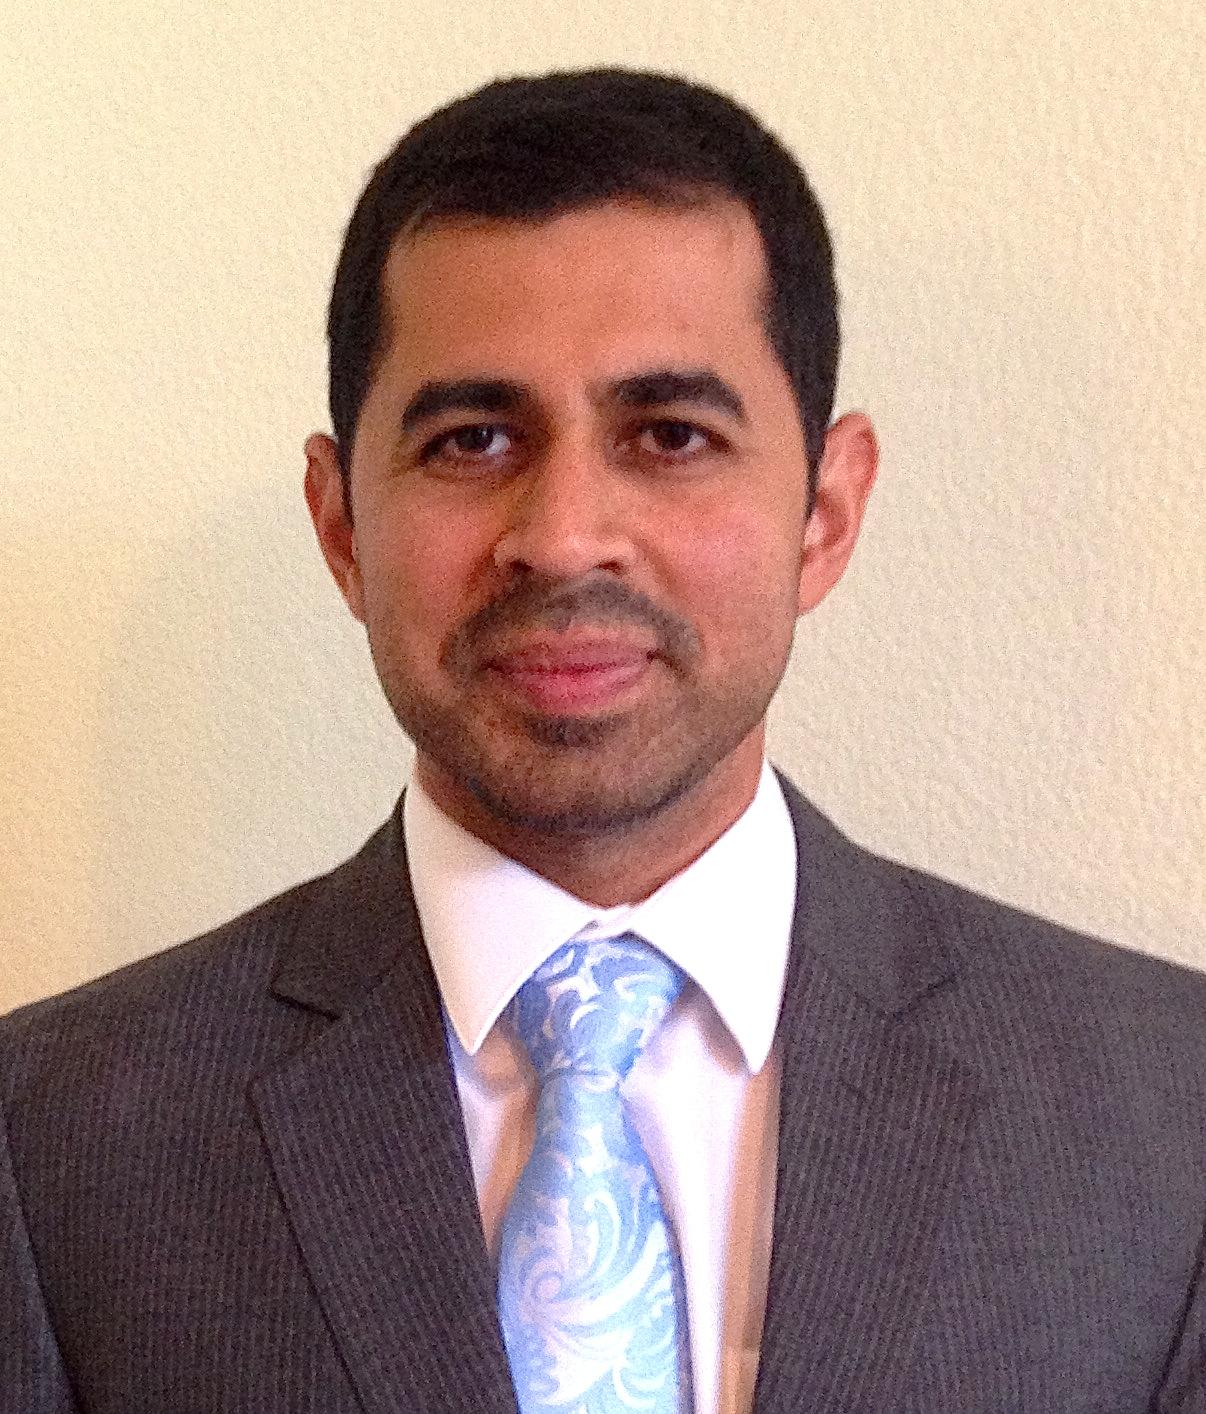 Ali Jaffri, PhD